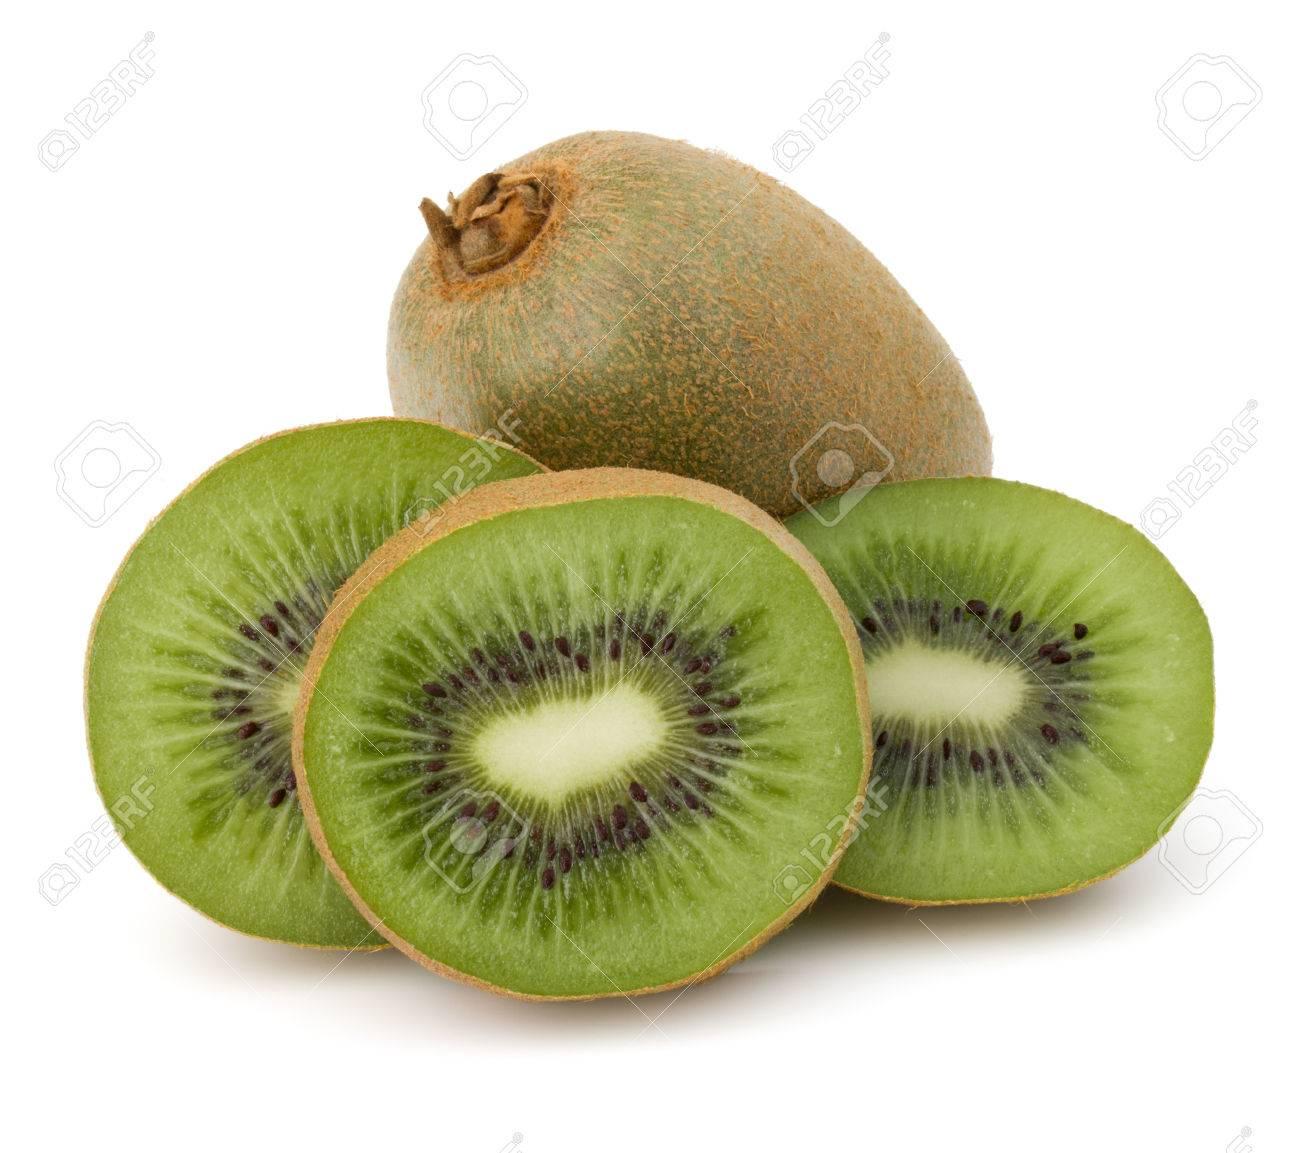 sliced Kiwi fruit isolated on white background cutout - 50823223